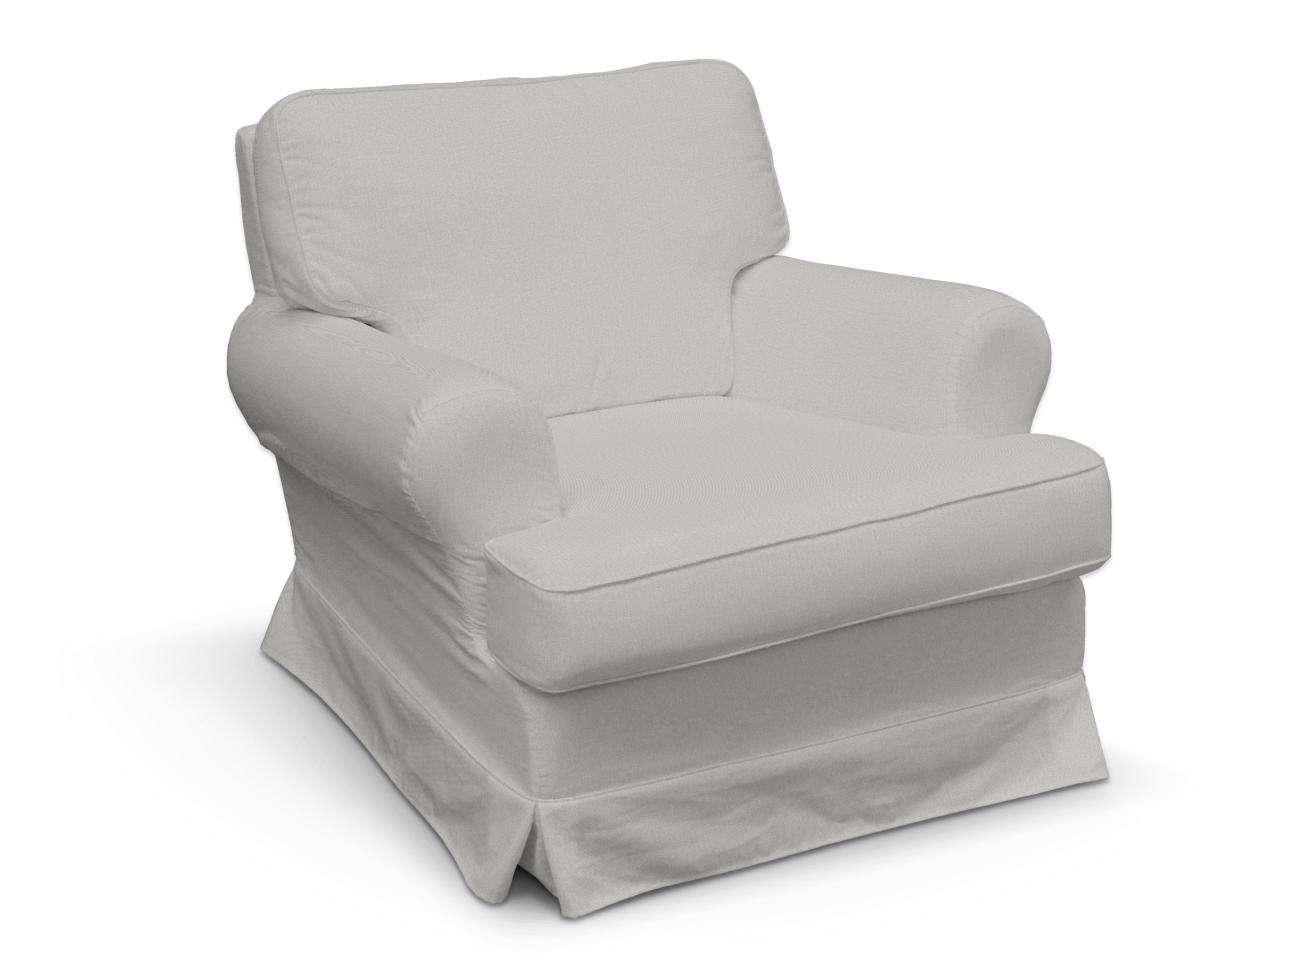 Barkaby fotelio užvalkalas Barkaby fotelio užvalkalas kolekcijoje Etna , audinys: 705-90